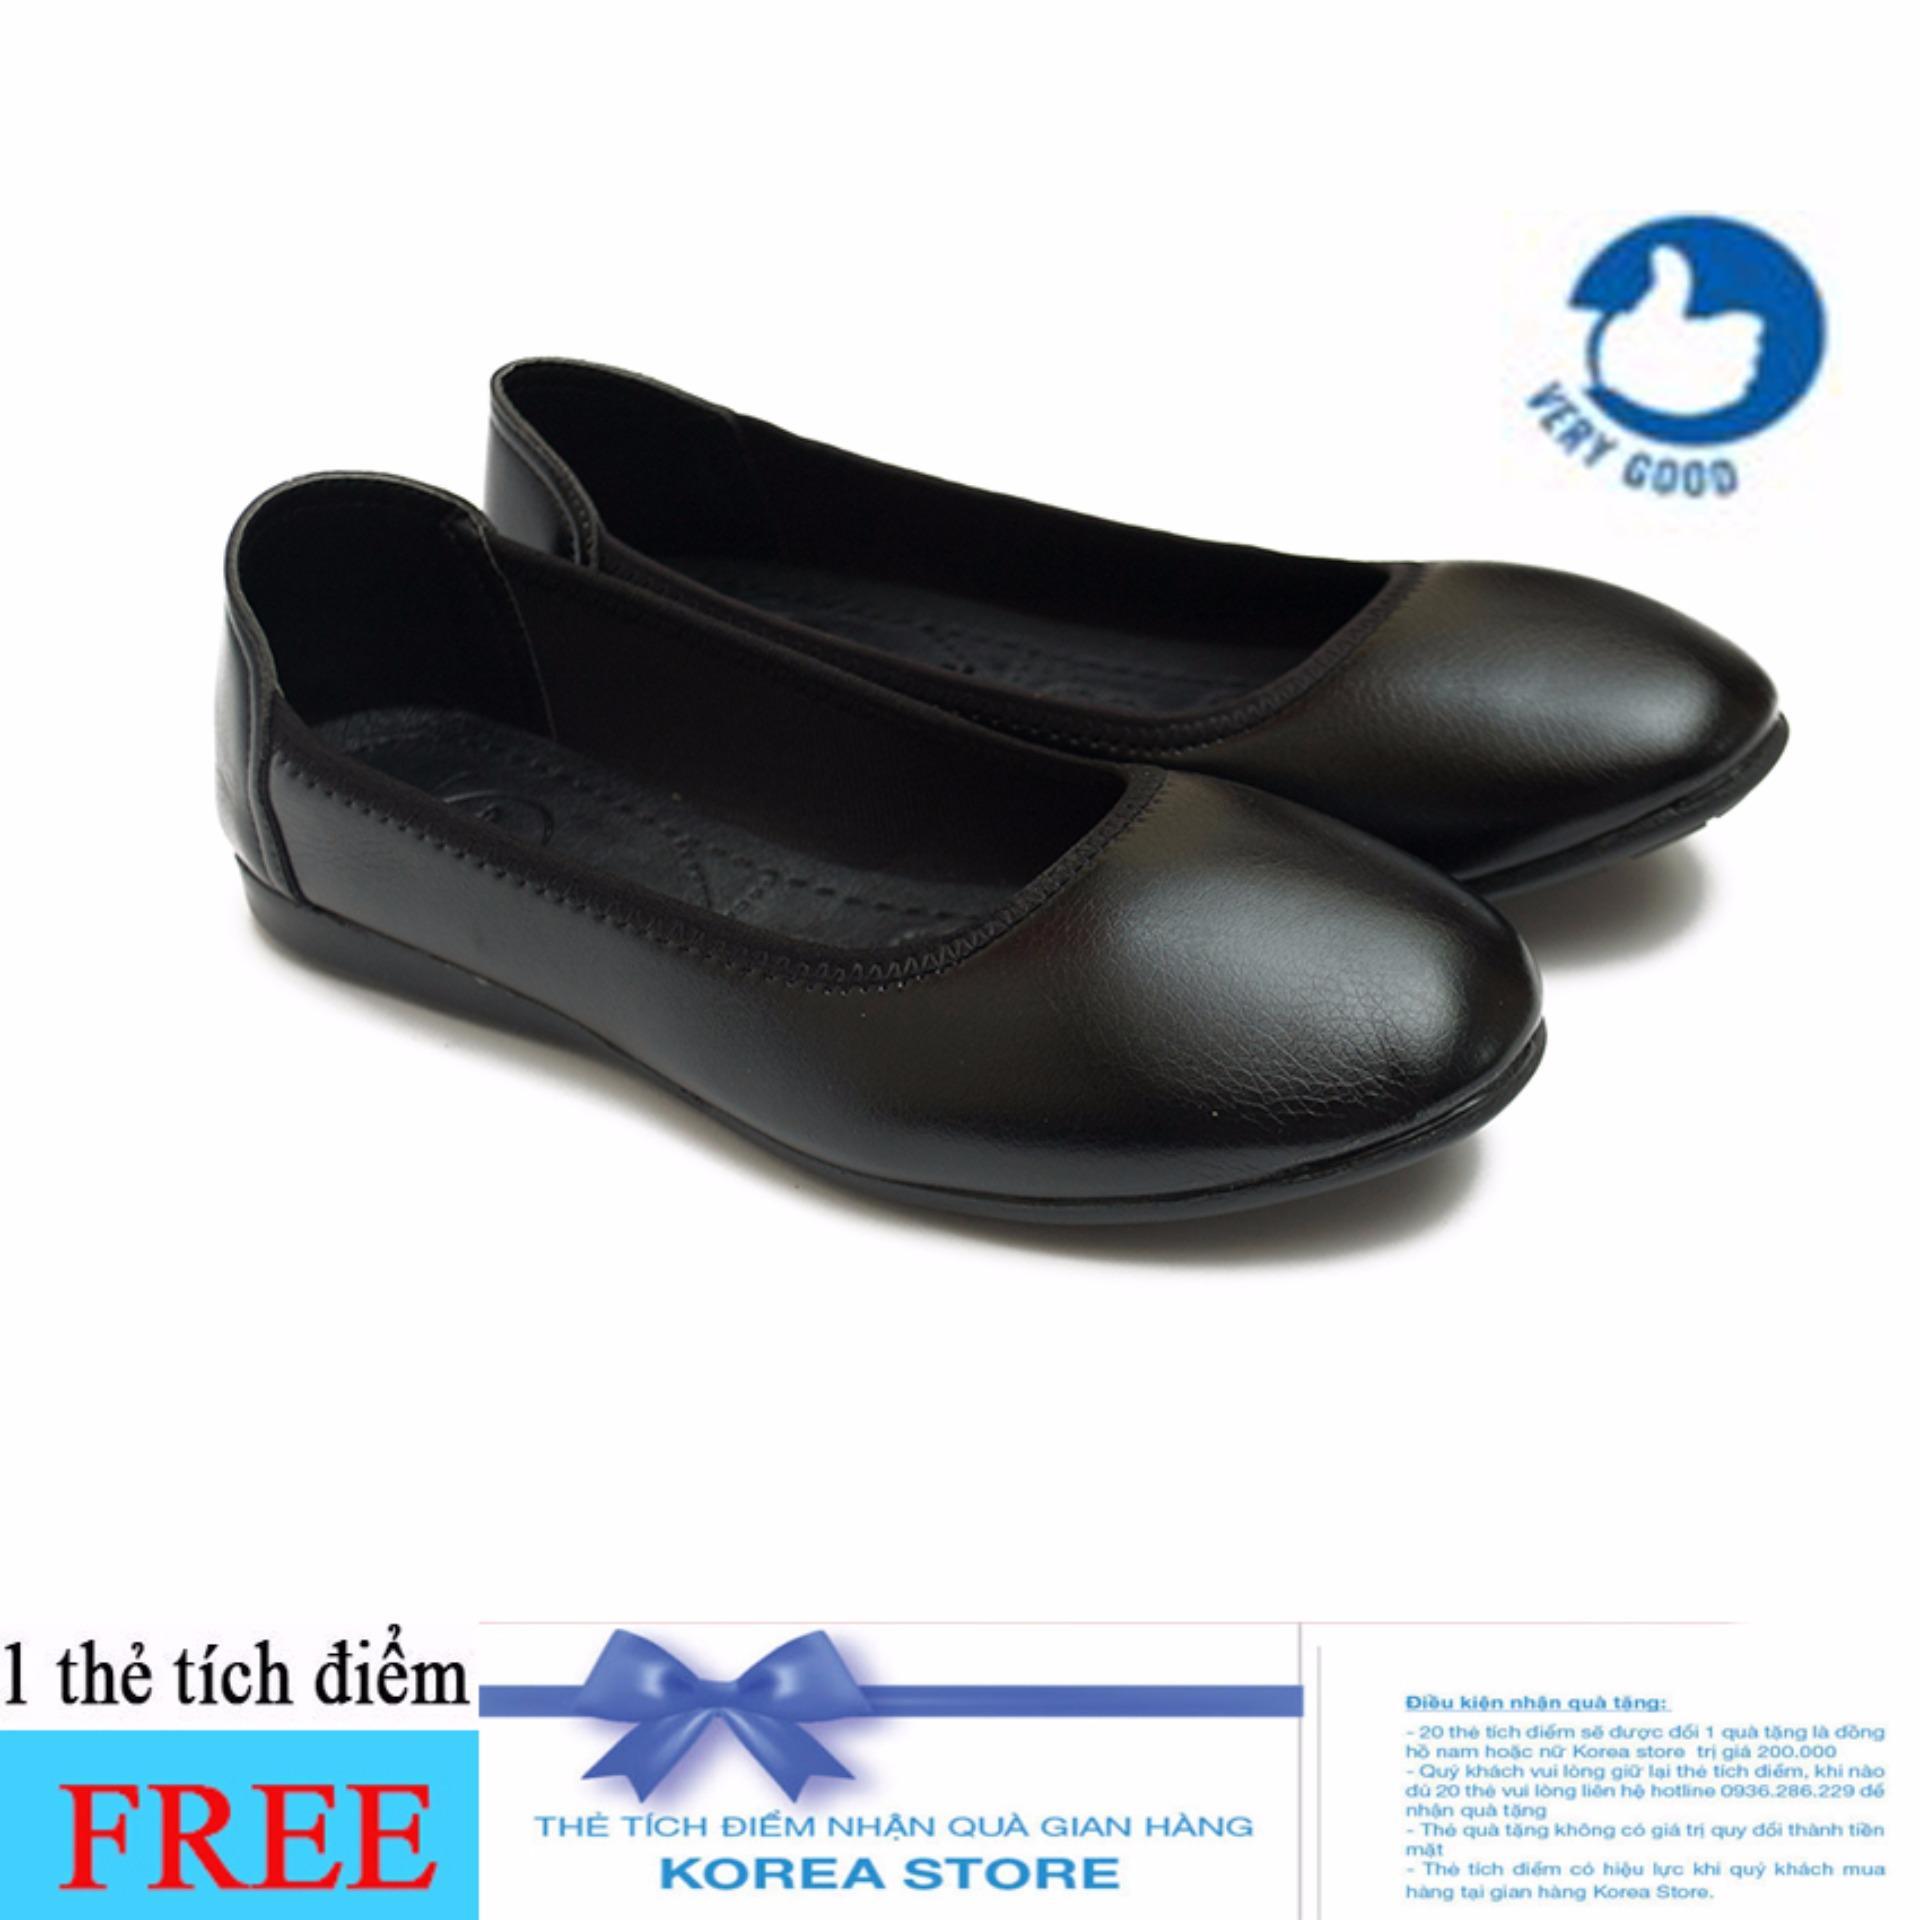 Giày bệt nữ Verygood siêu bền, siêu êm hàng đẹp + Tặng kèm 1 thẻ tích điểm tại KoreaStore